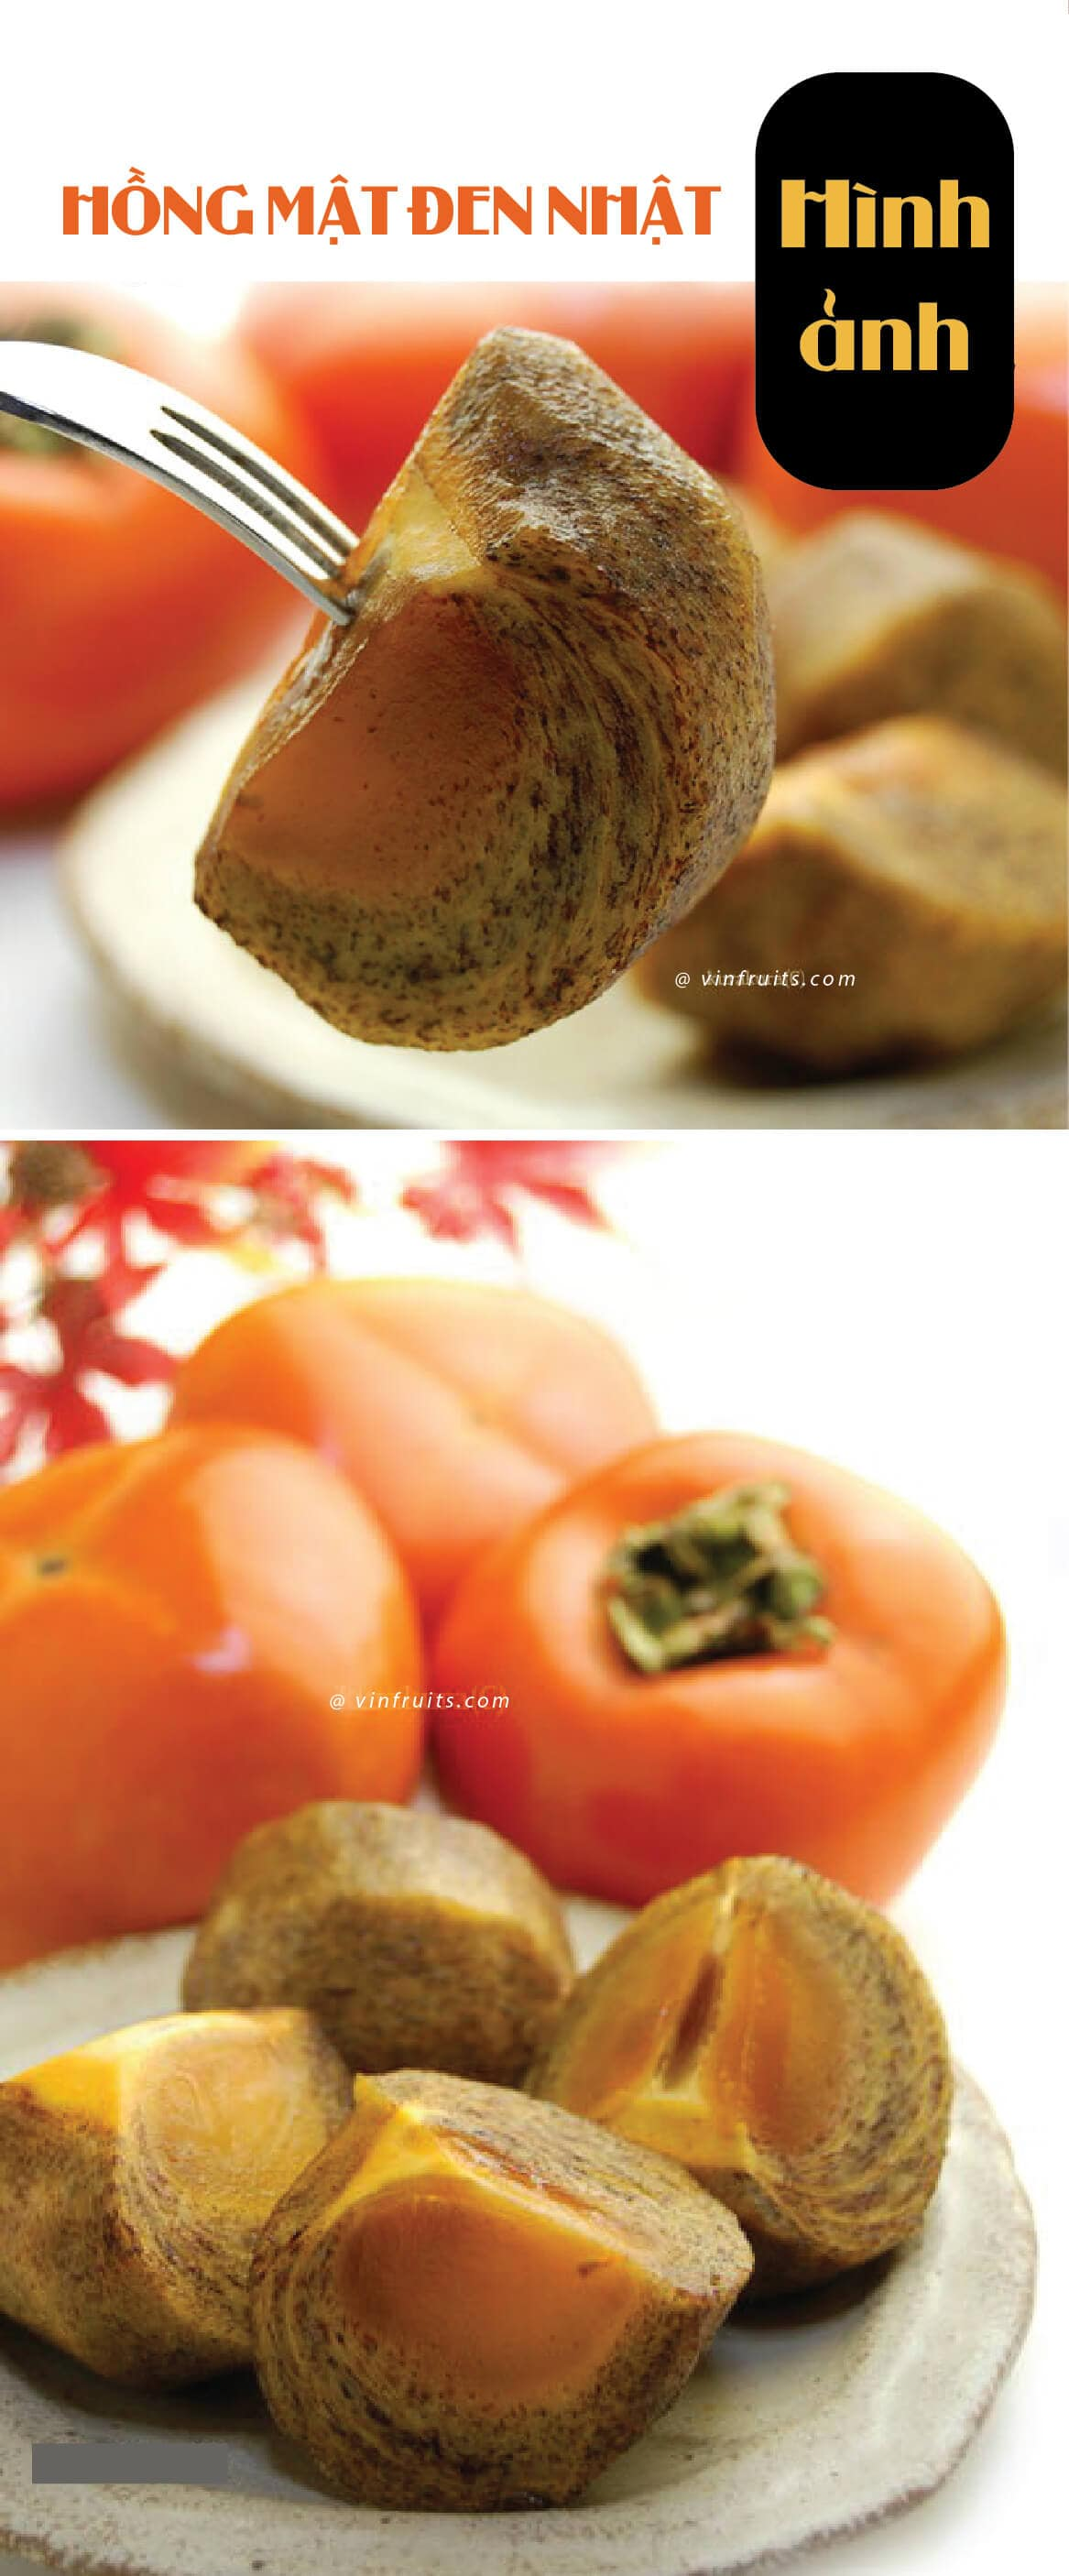 Hong mat den Nhat Ban - vinfruits 5